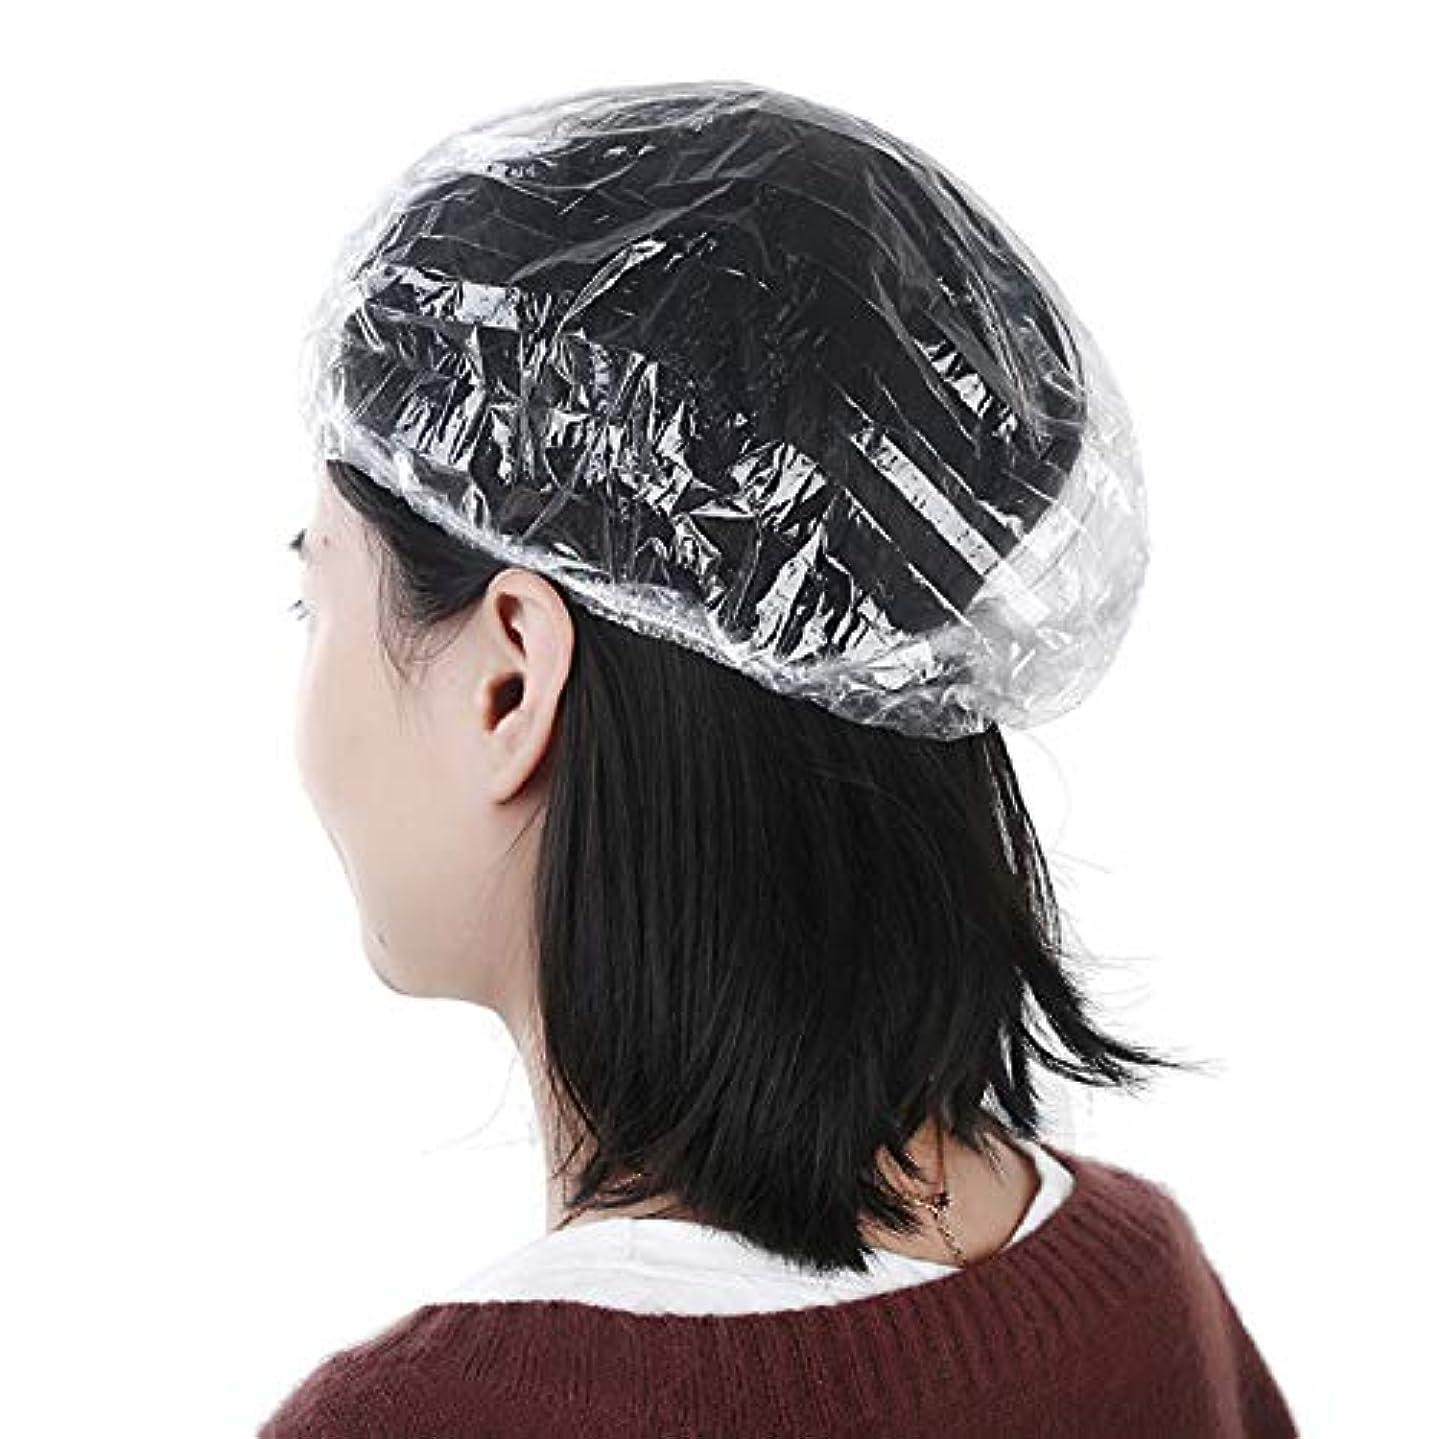 ただ科学者引き付けるKingsie 使い捨て シャワーキャップ ビニール ヘアキャップ 防水帽子 旅行 ホテル 業務用 100枚